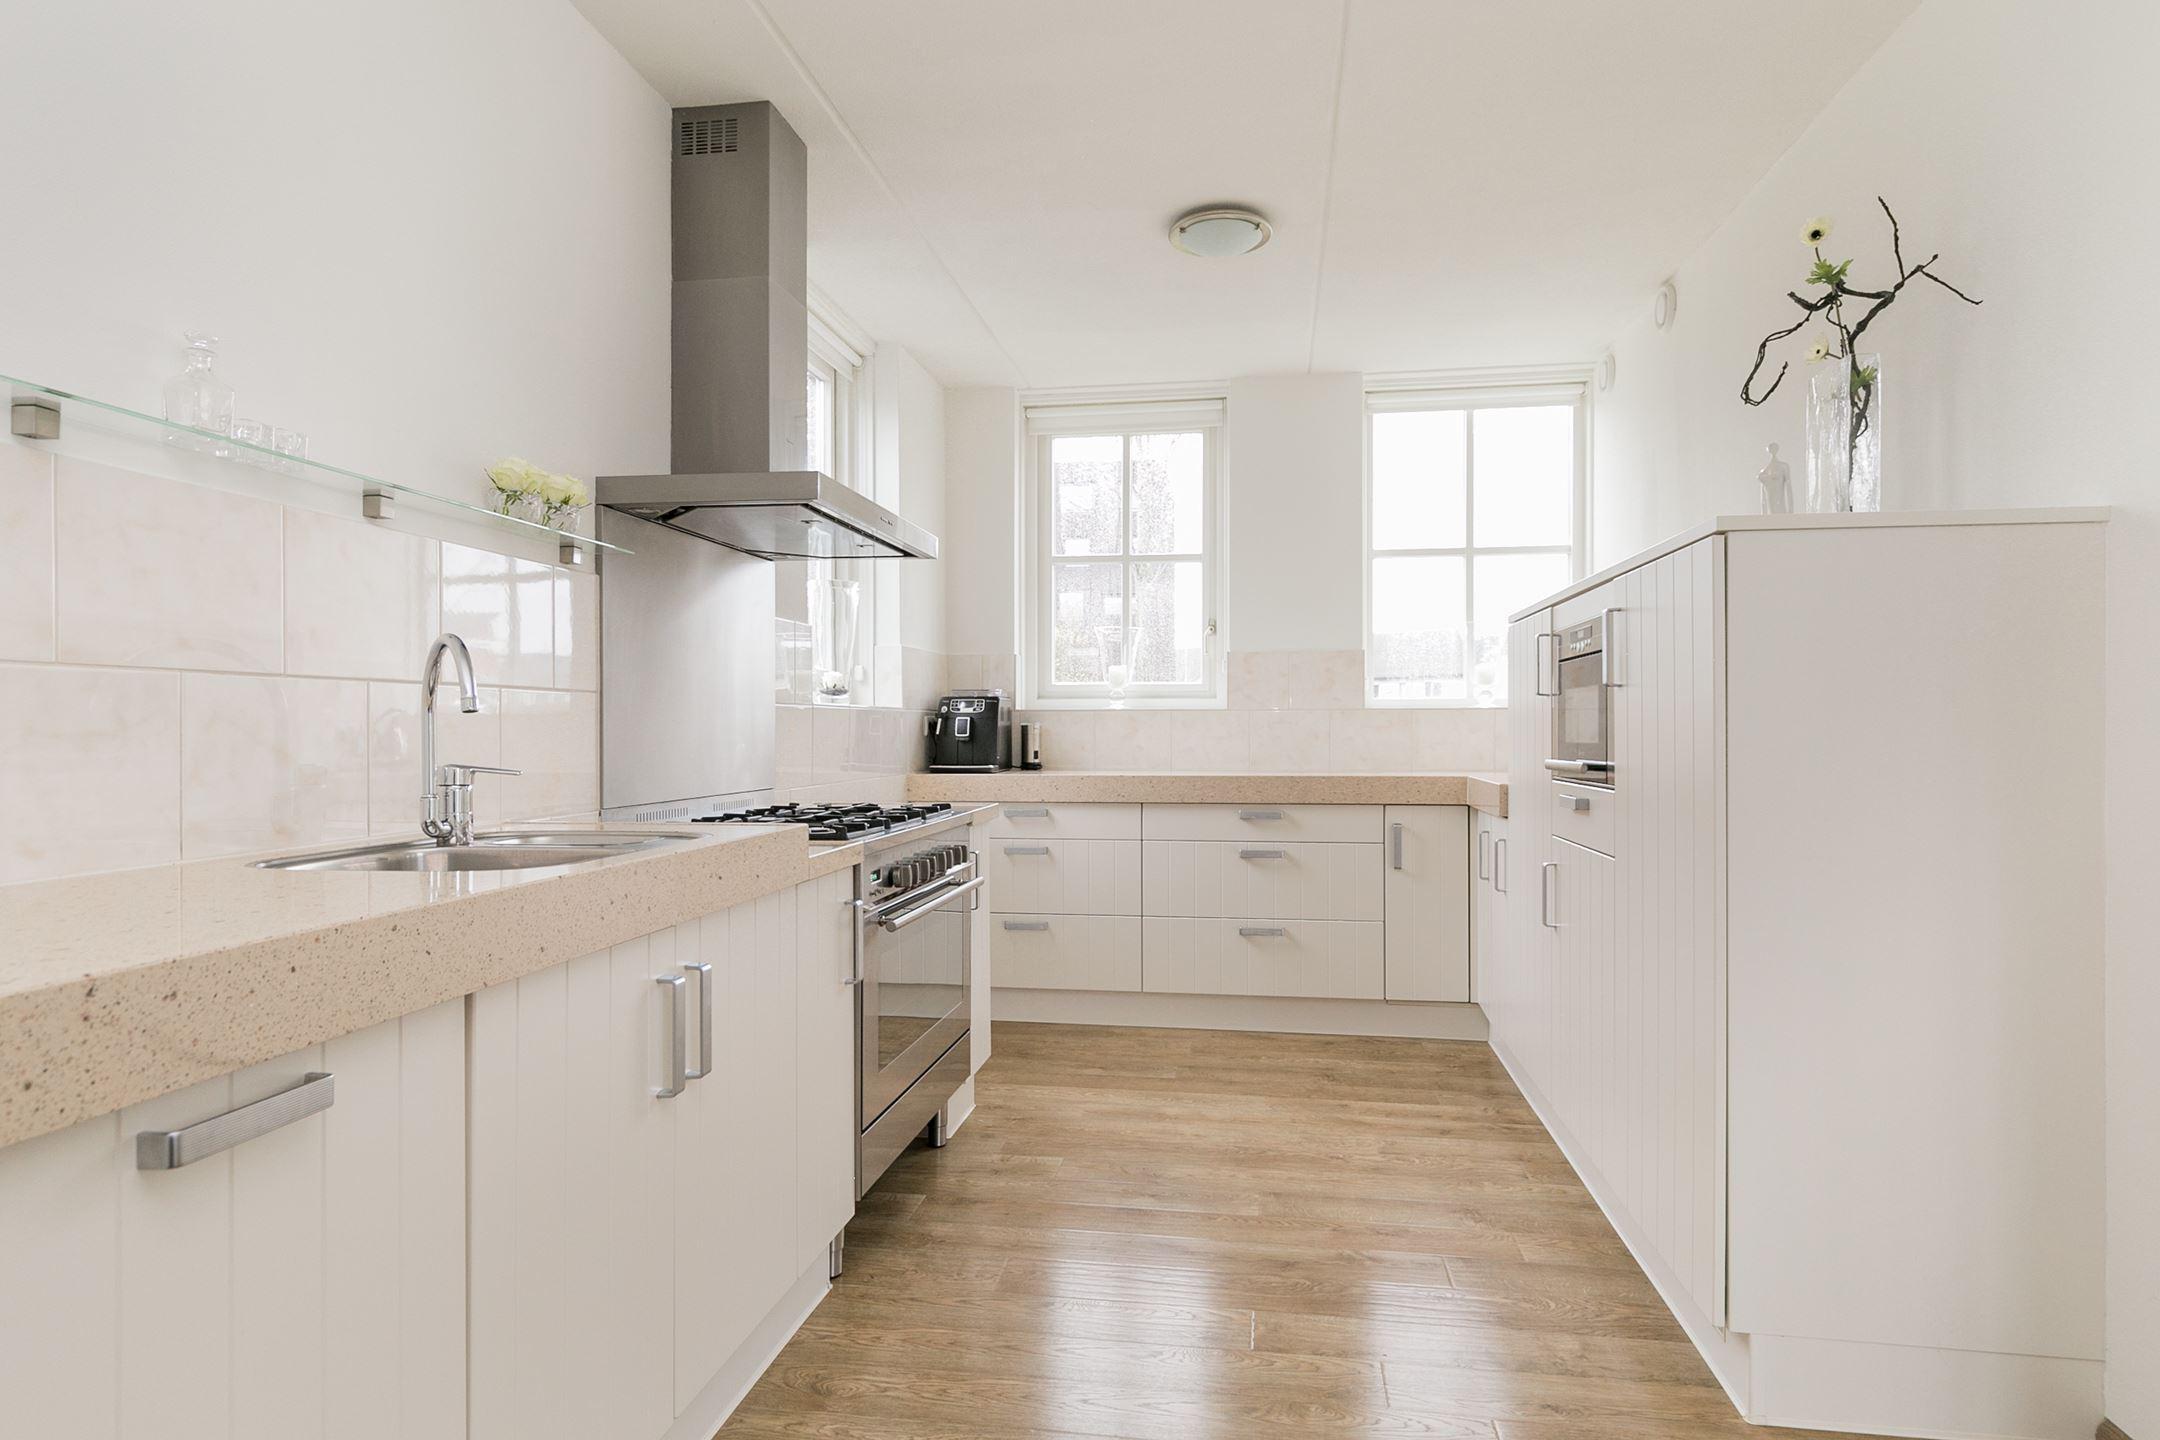 Keuken Kopen Leeuwarden : Kleine keuken jaren huis u informatie over de keuken